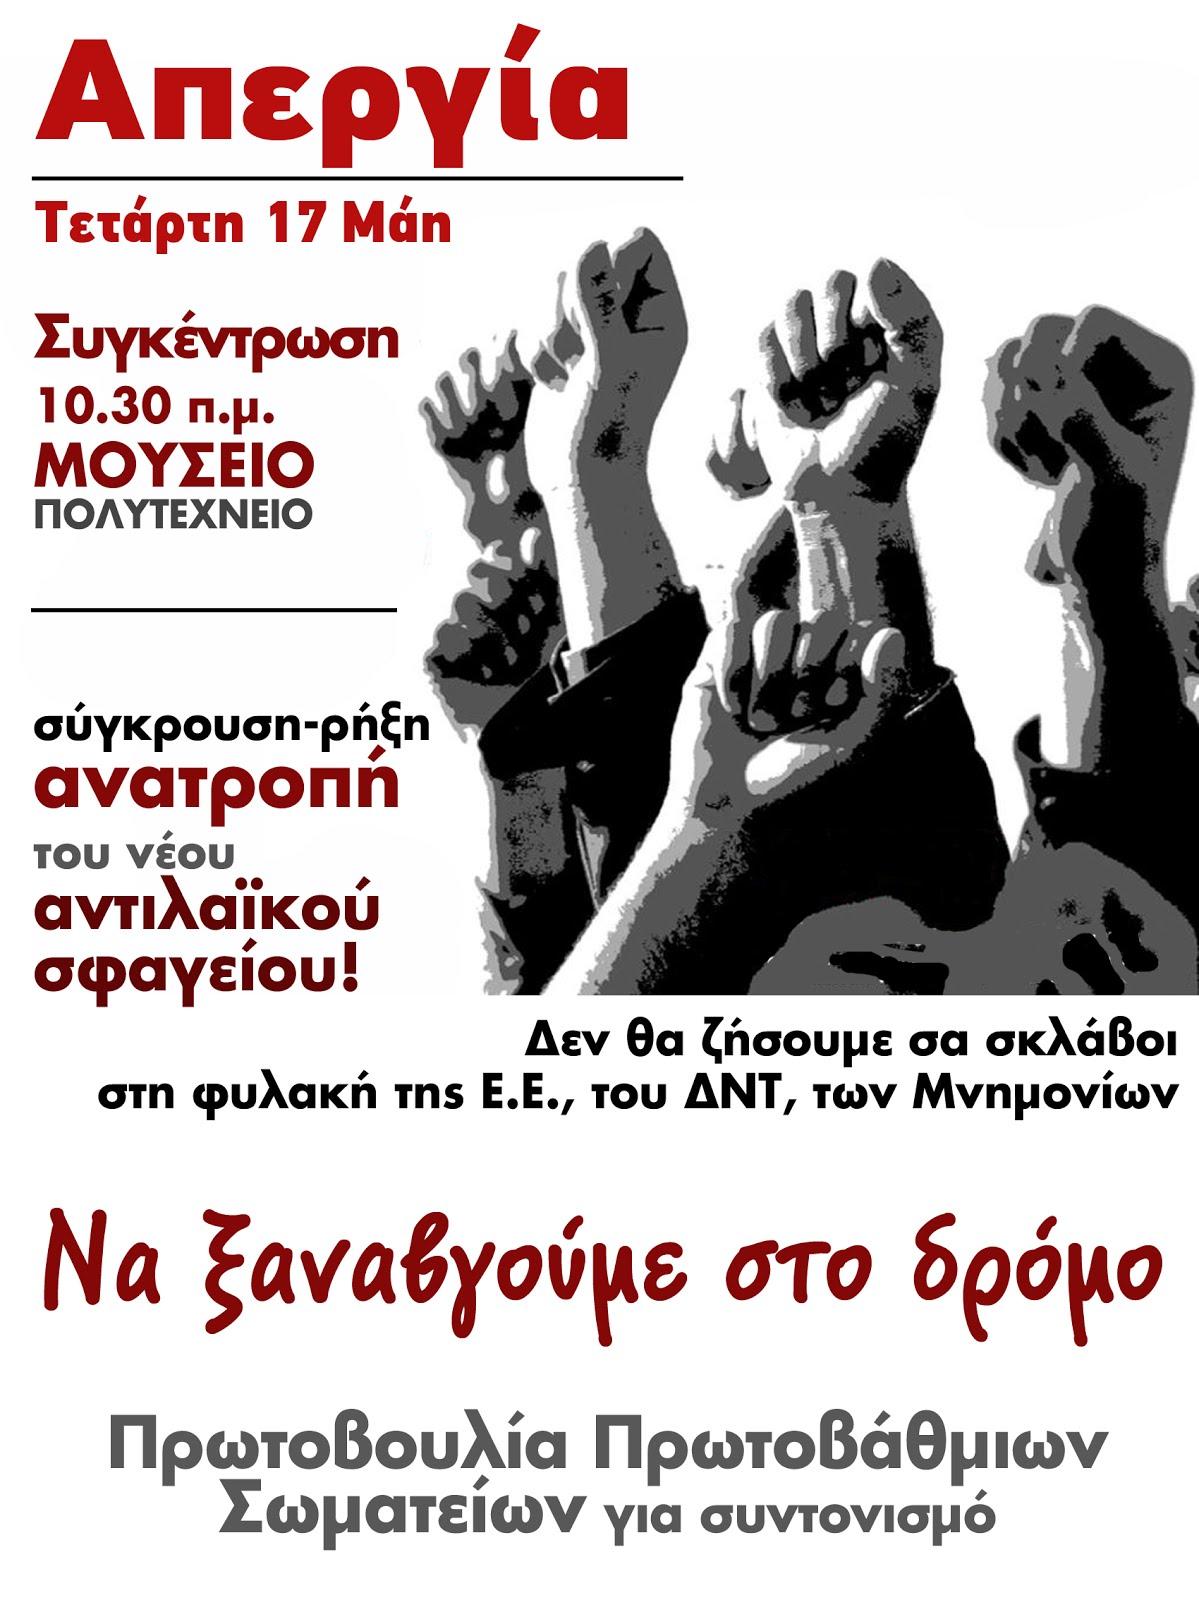 Απεργία 17 Μάη